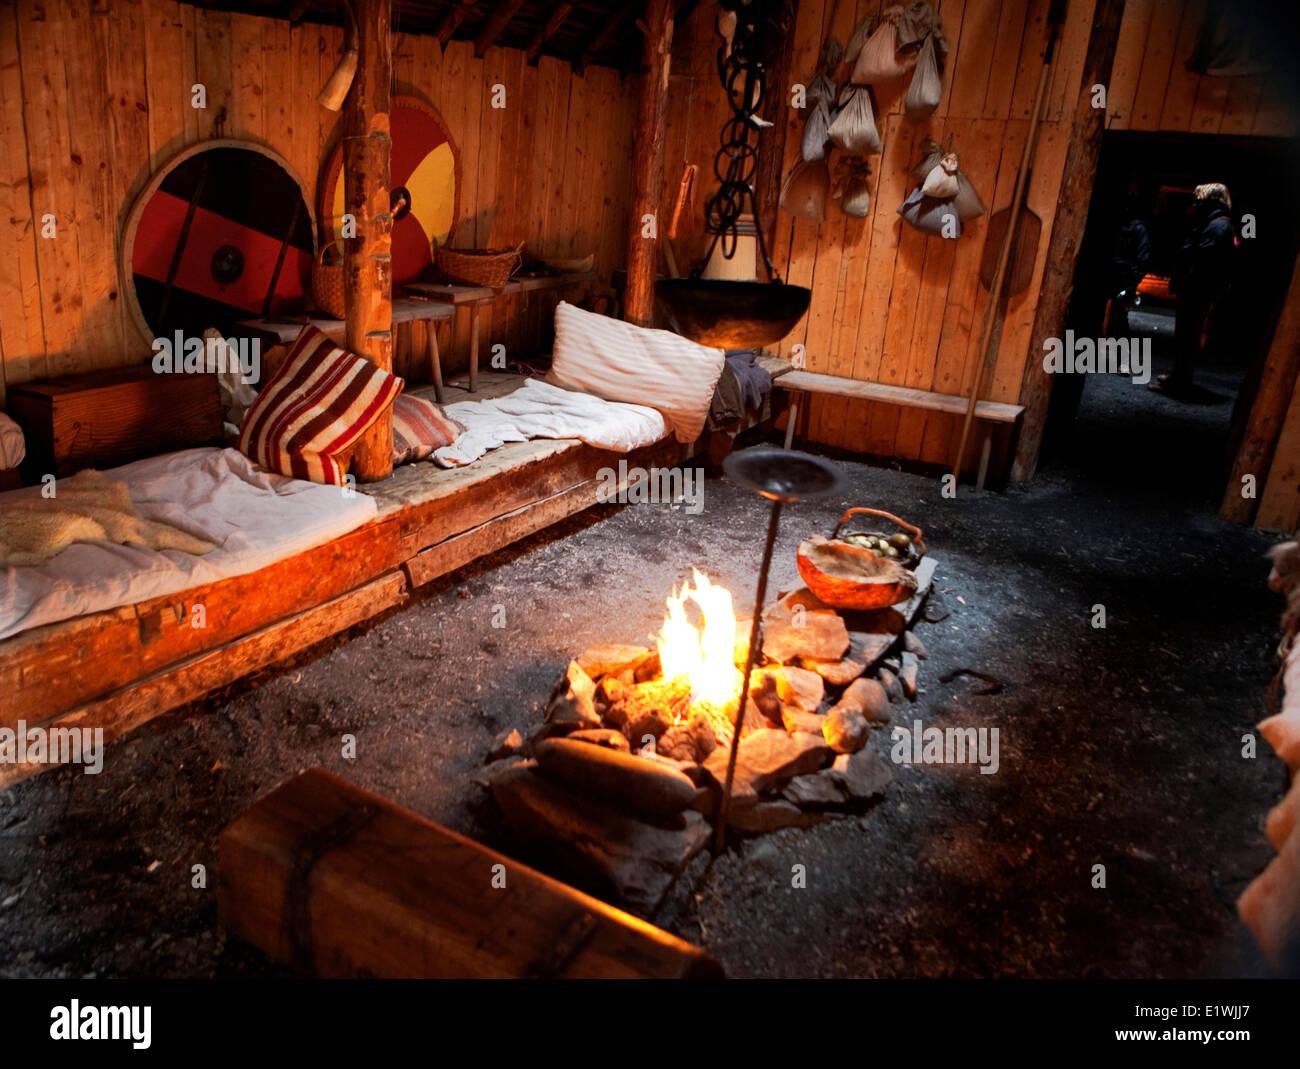 Amazing Viking Fireplace Part - 13: Lu0027Anse Aux Meadows, Viking Sleeping Quarters, Newfoundland - Stock Image